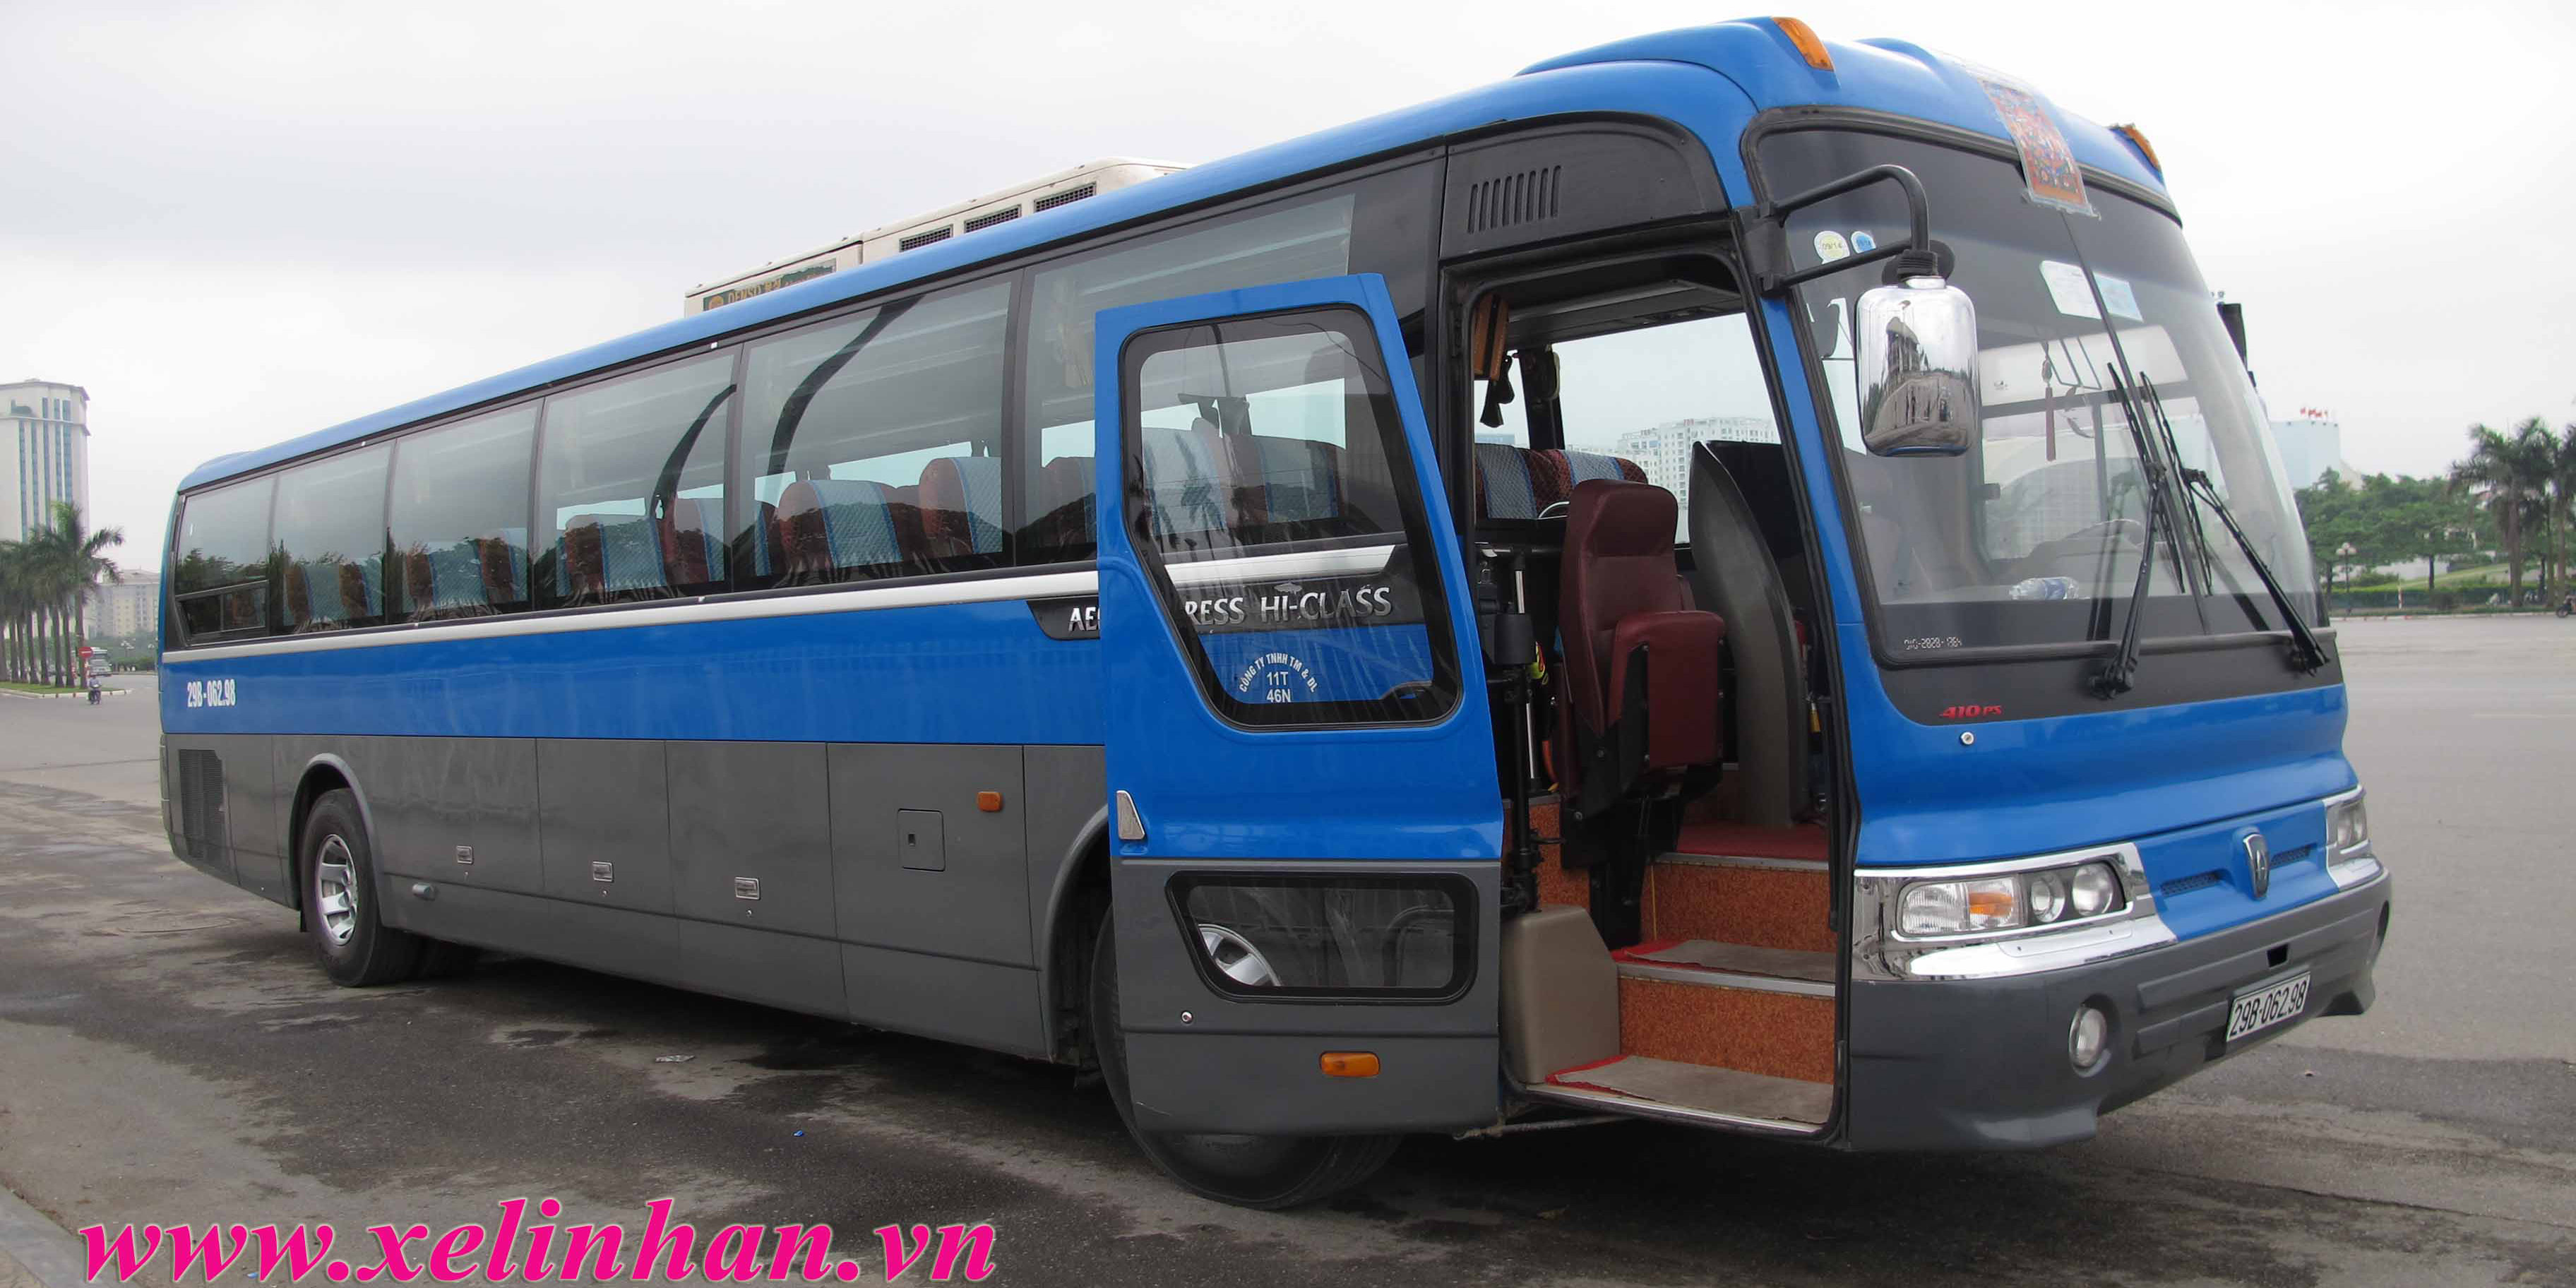 Xe 45 chỗ - Aero space/Hi-class